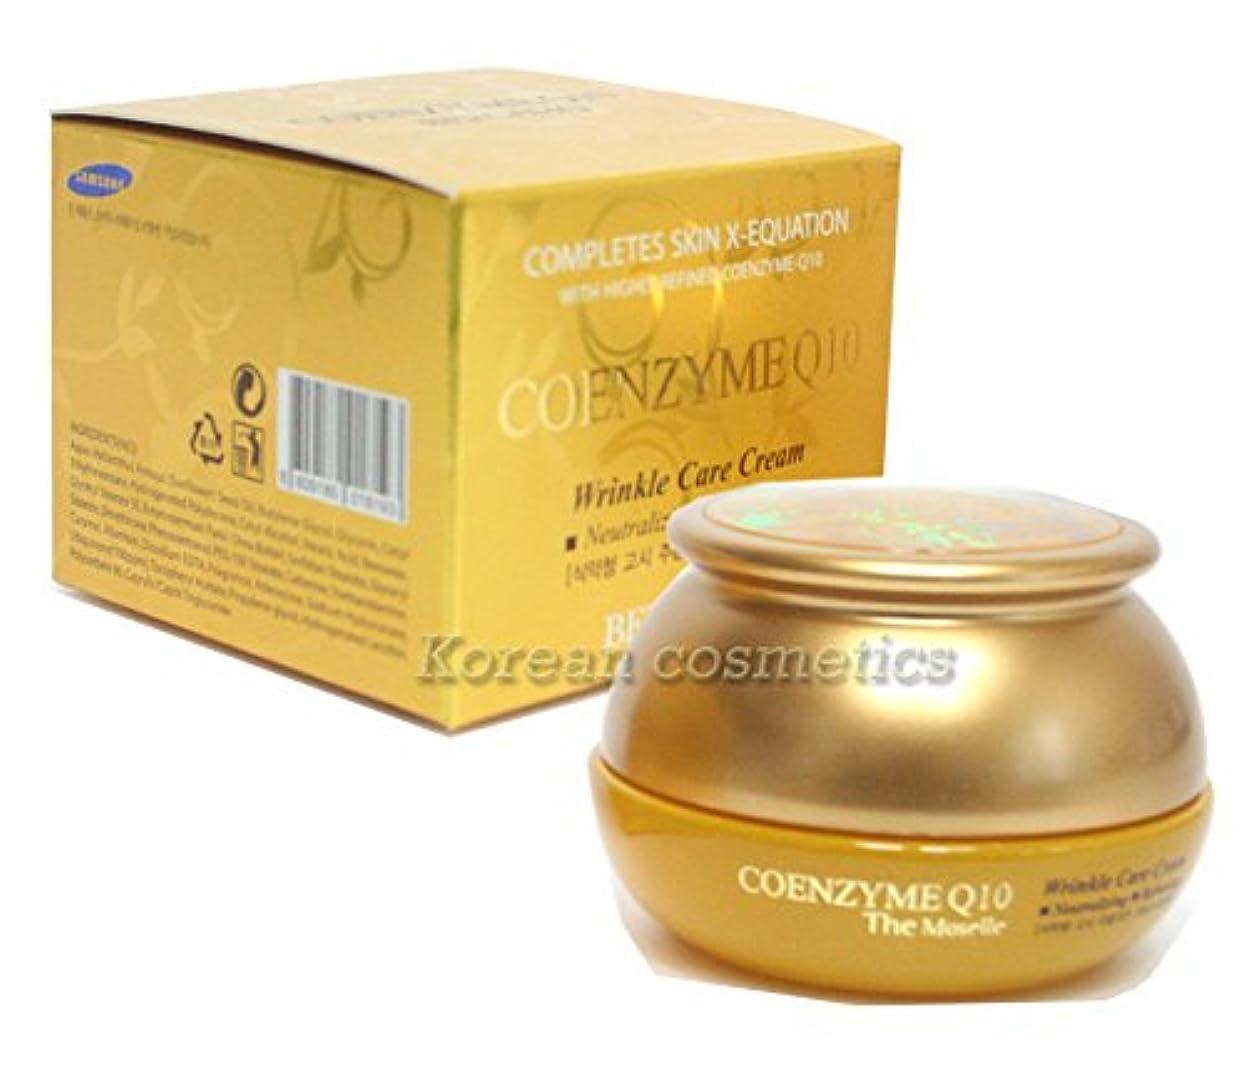 忠実にロゴ利得【ベルガモ][Bergamo] モーゼルコエンザイムQ10クリーム50g / the Moselle Coenzyme Q10 Cream 50g / リンクルケア、弾力性 / Wrinkle Care,elasticity...